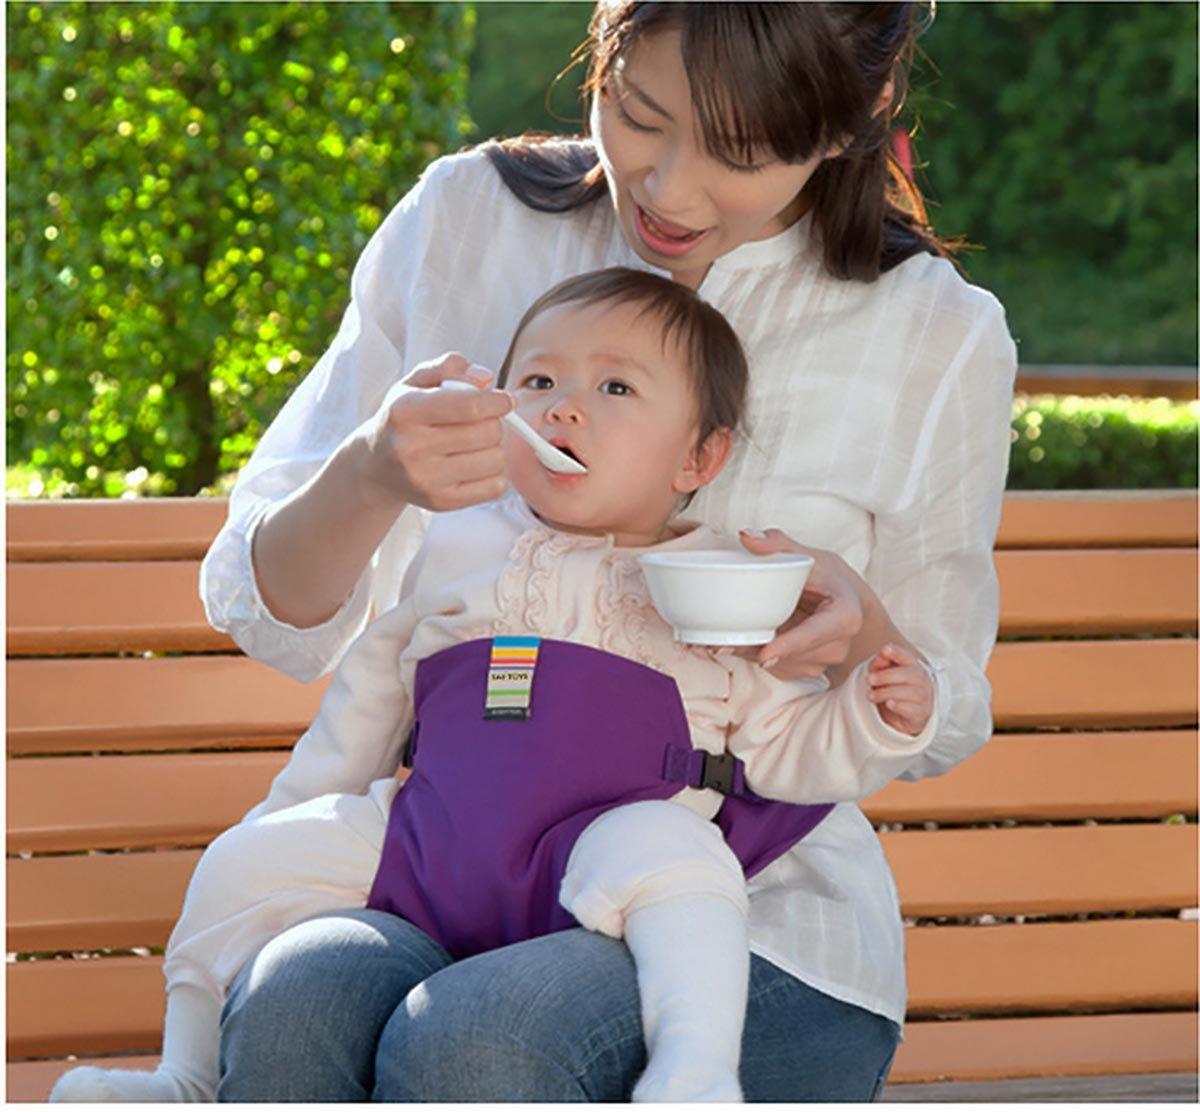 Sicherheitsgurt Sch/ätzchenspeicherung den Gurt Rosa Der waschbare tragbare Reise Hochstuhl Booster Babysitz mit Riemen Kleinkind 6 Farben